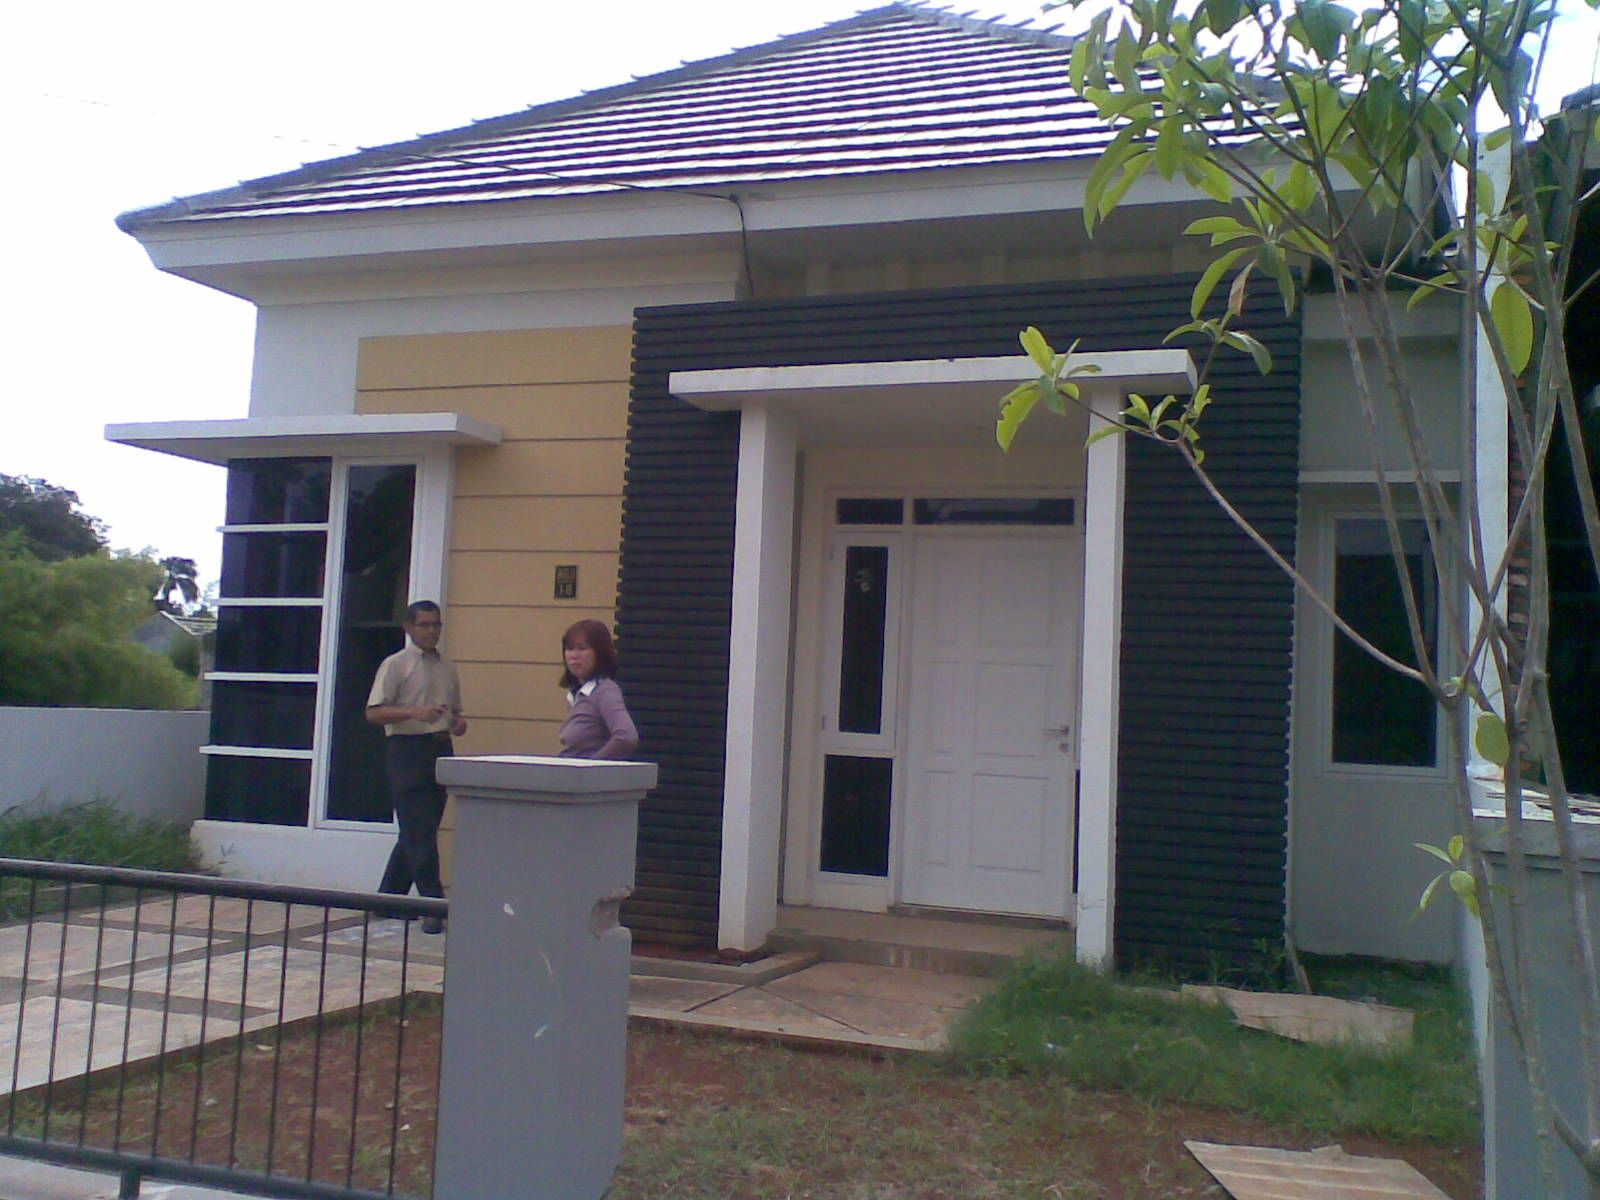 60 Gambar Rumah Minimalis 1 Lantai Tampak Depan Dan Warna Cat Pilihan Desainrumahnya Com House Design One Storey House Cool House Designs